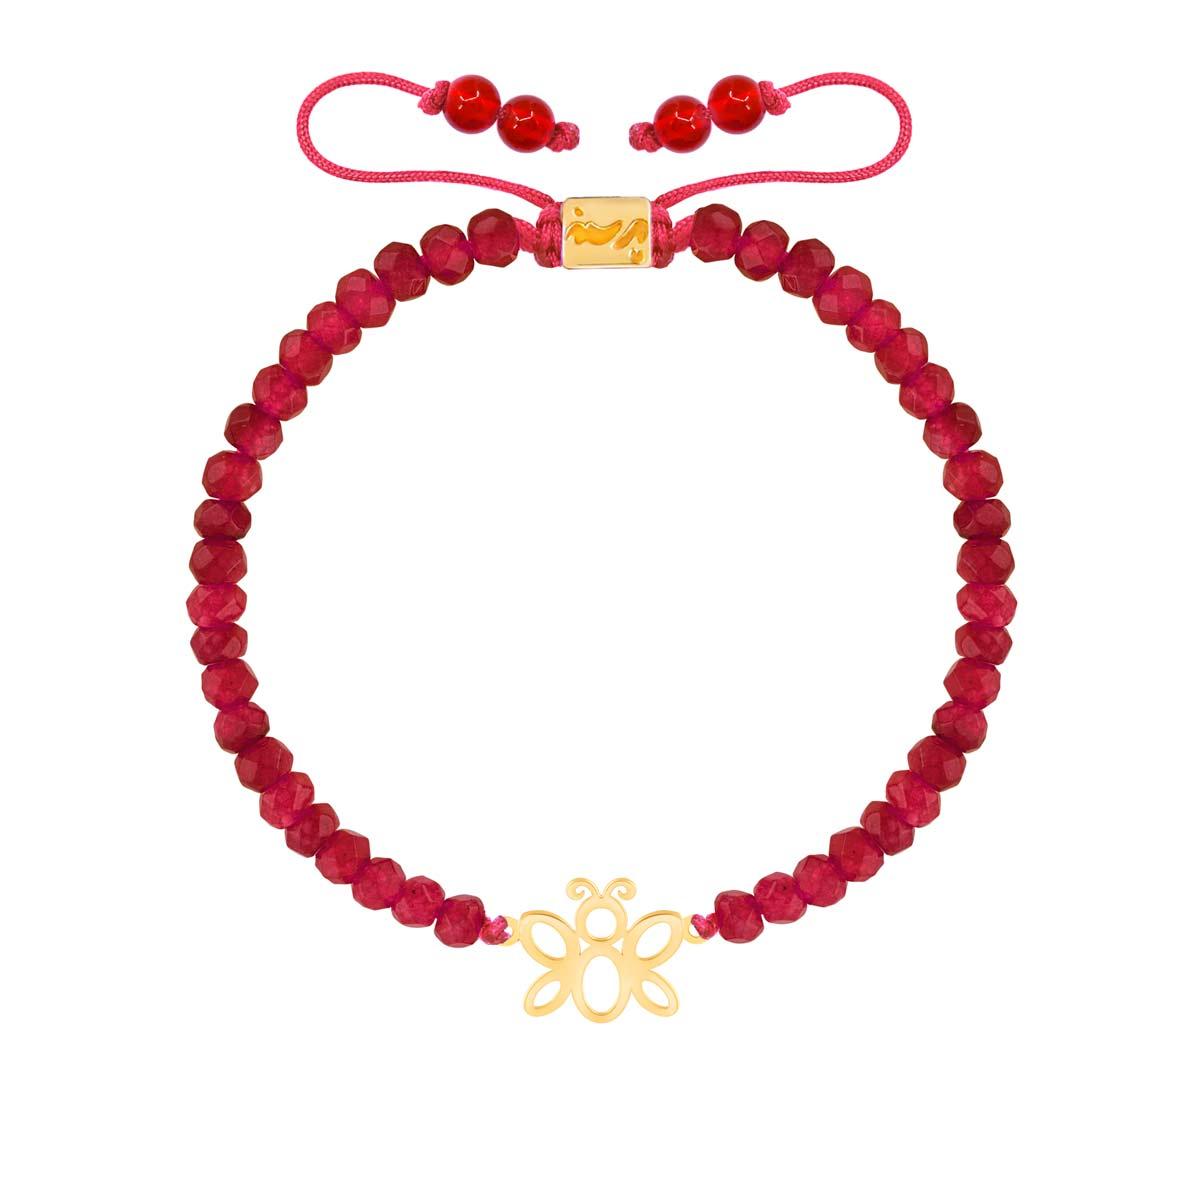 دستبند طلا سنگی بچه گانه پروانه